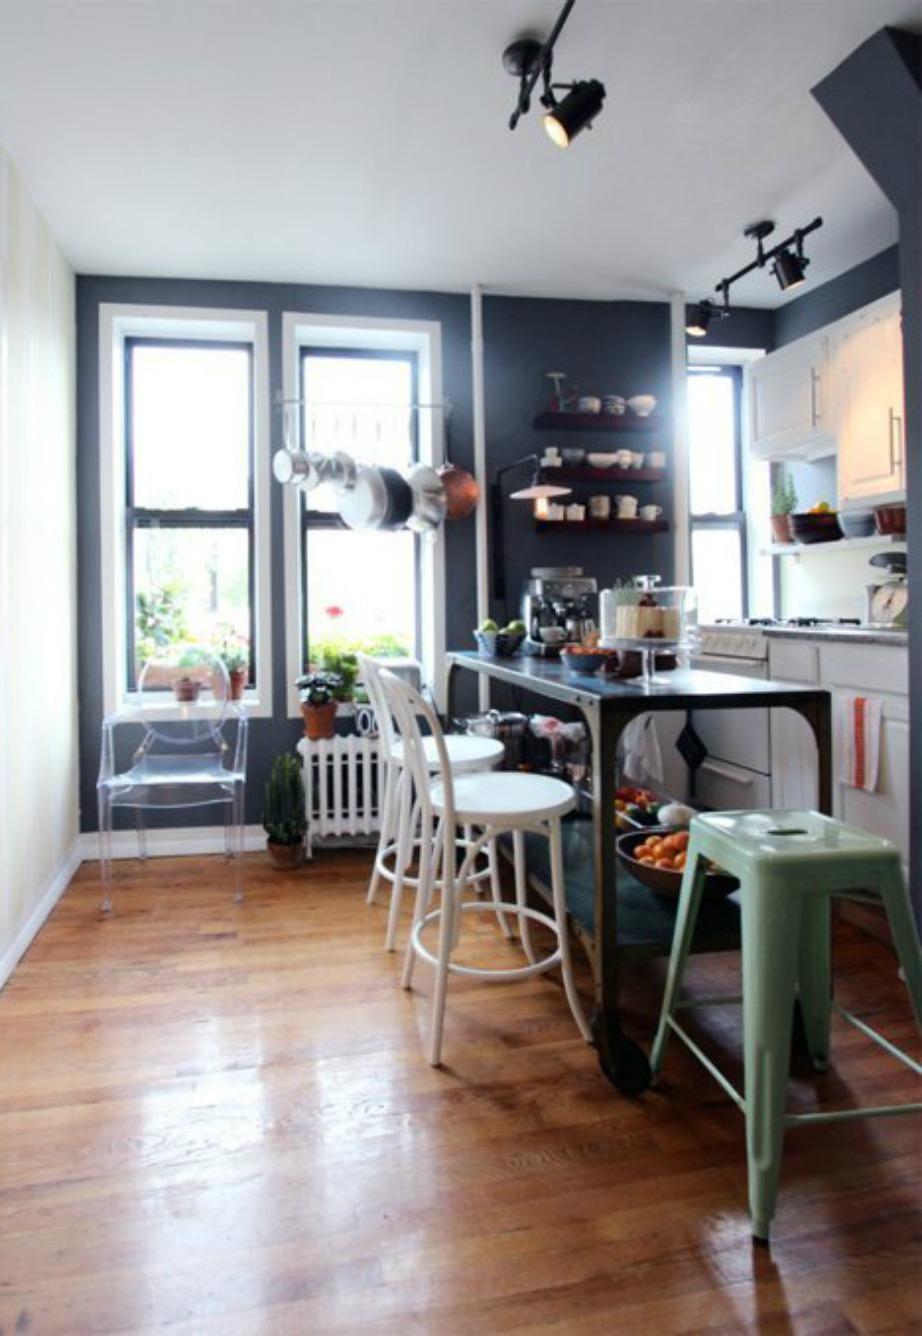 Κρεμμάστε τηγάνια και κατσαρόλες στο ταβάνι ώστε να αδειάσετε χώρο στον πάγκο που ήδη έχετε στην κουζίνα σας.